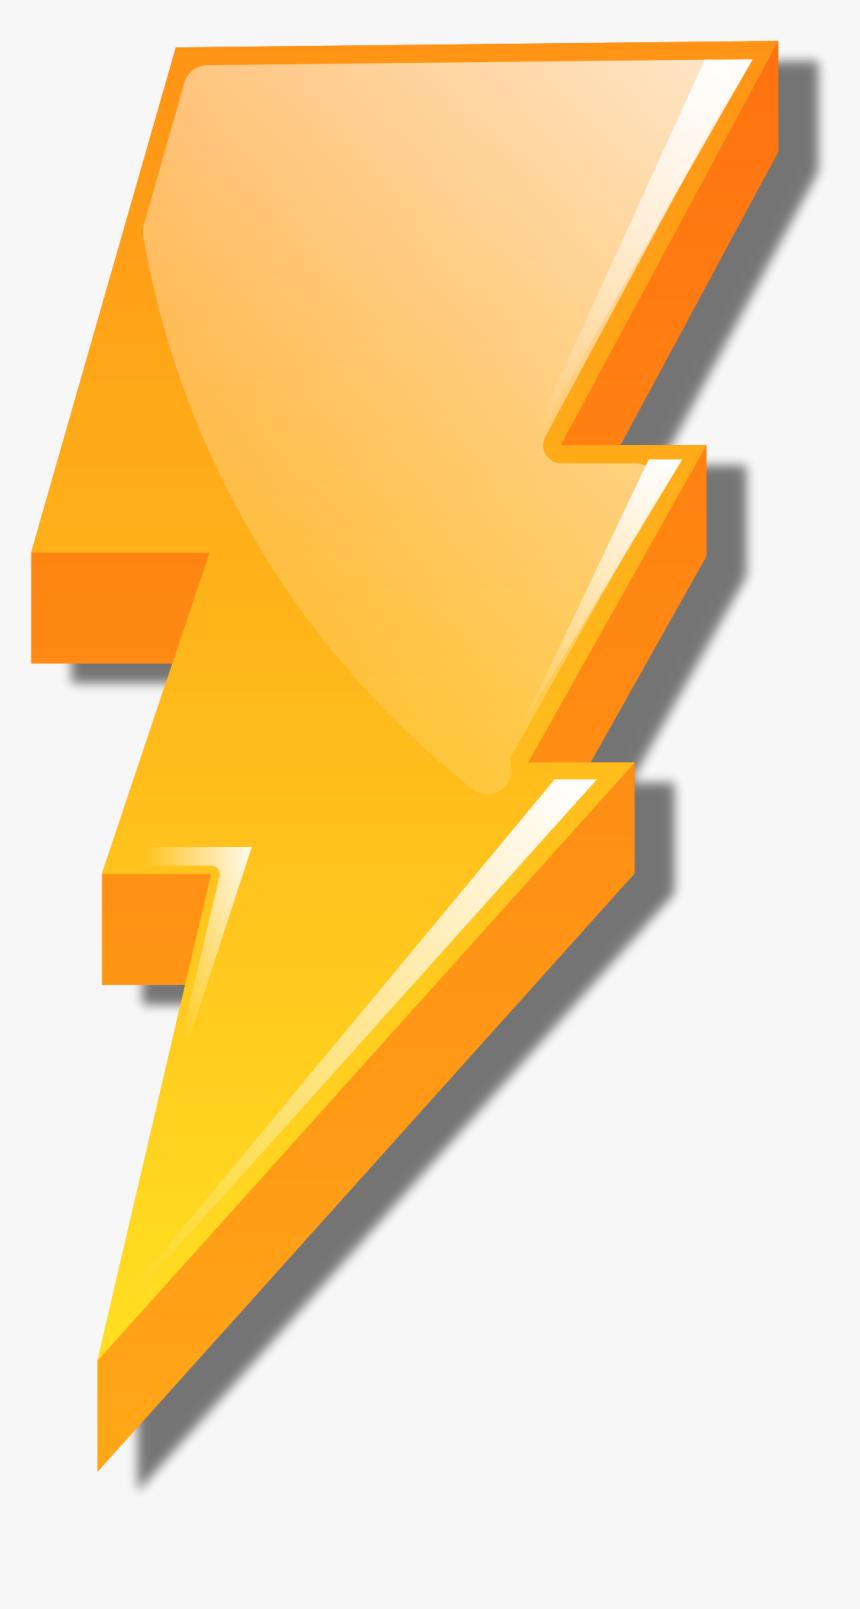 Power Rangers Lightning Bolt Png Download Lightning Bolt Png Transparent Png Download Transparent Png Image Pngitem